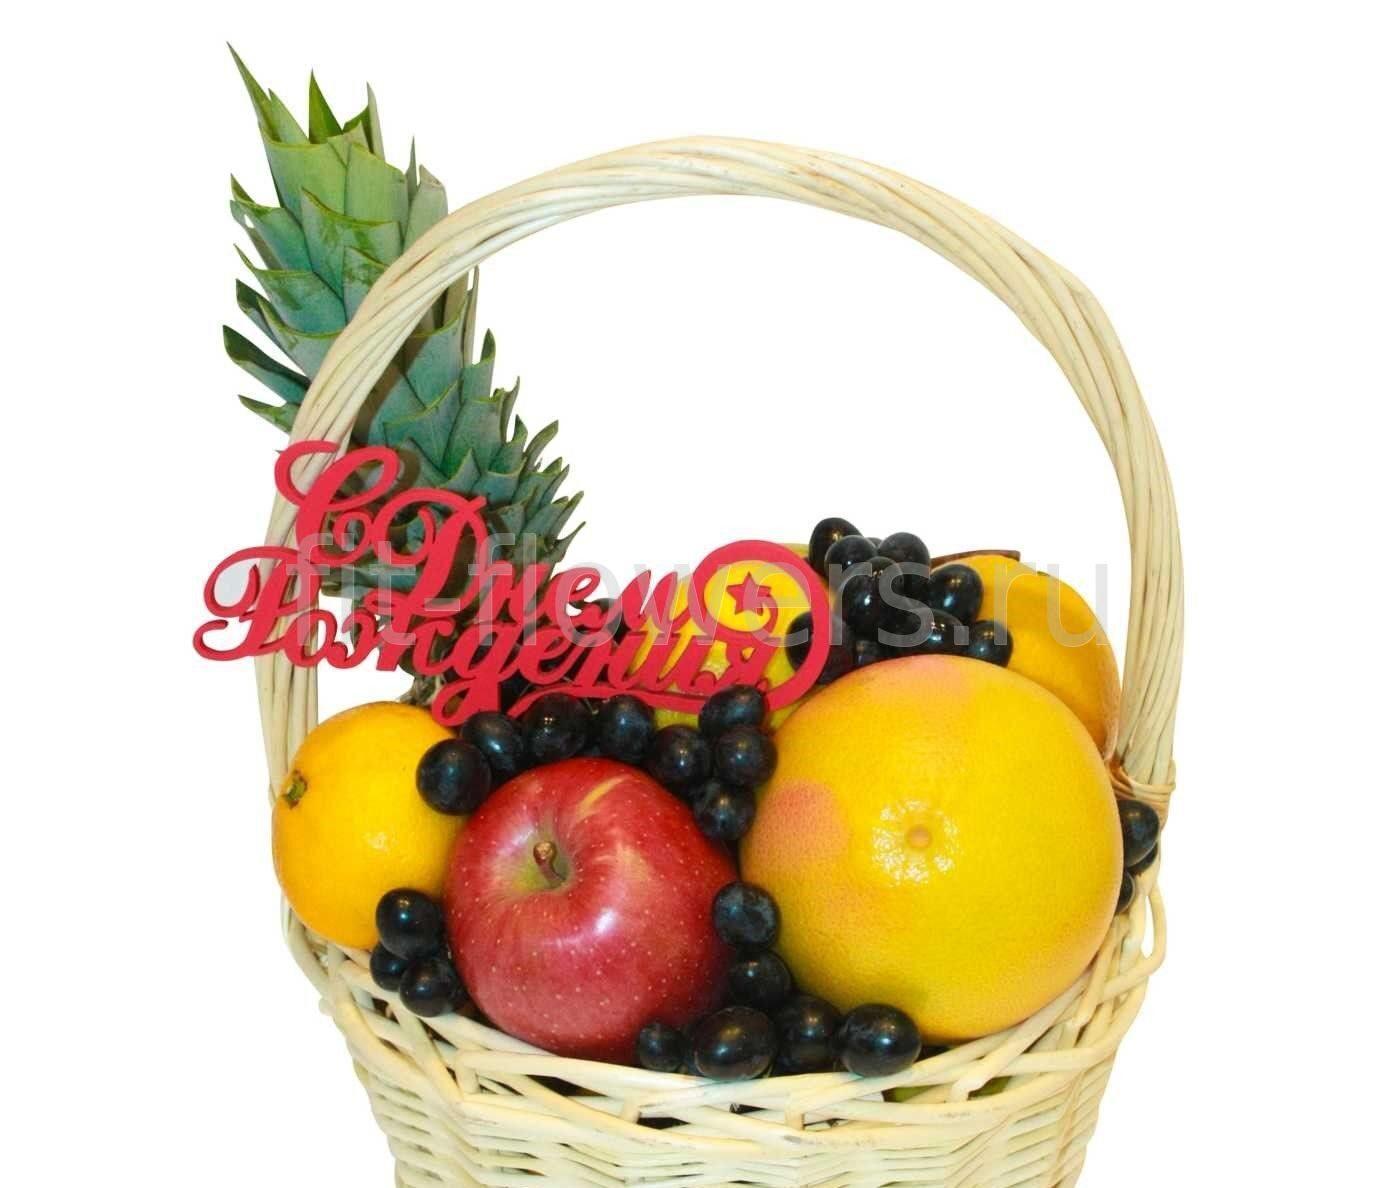 Поздравление на день рождения с фруктами 90